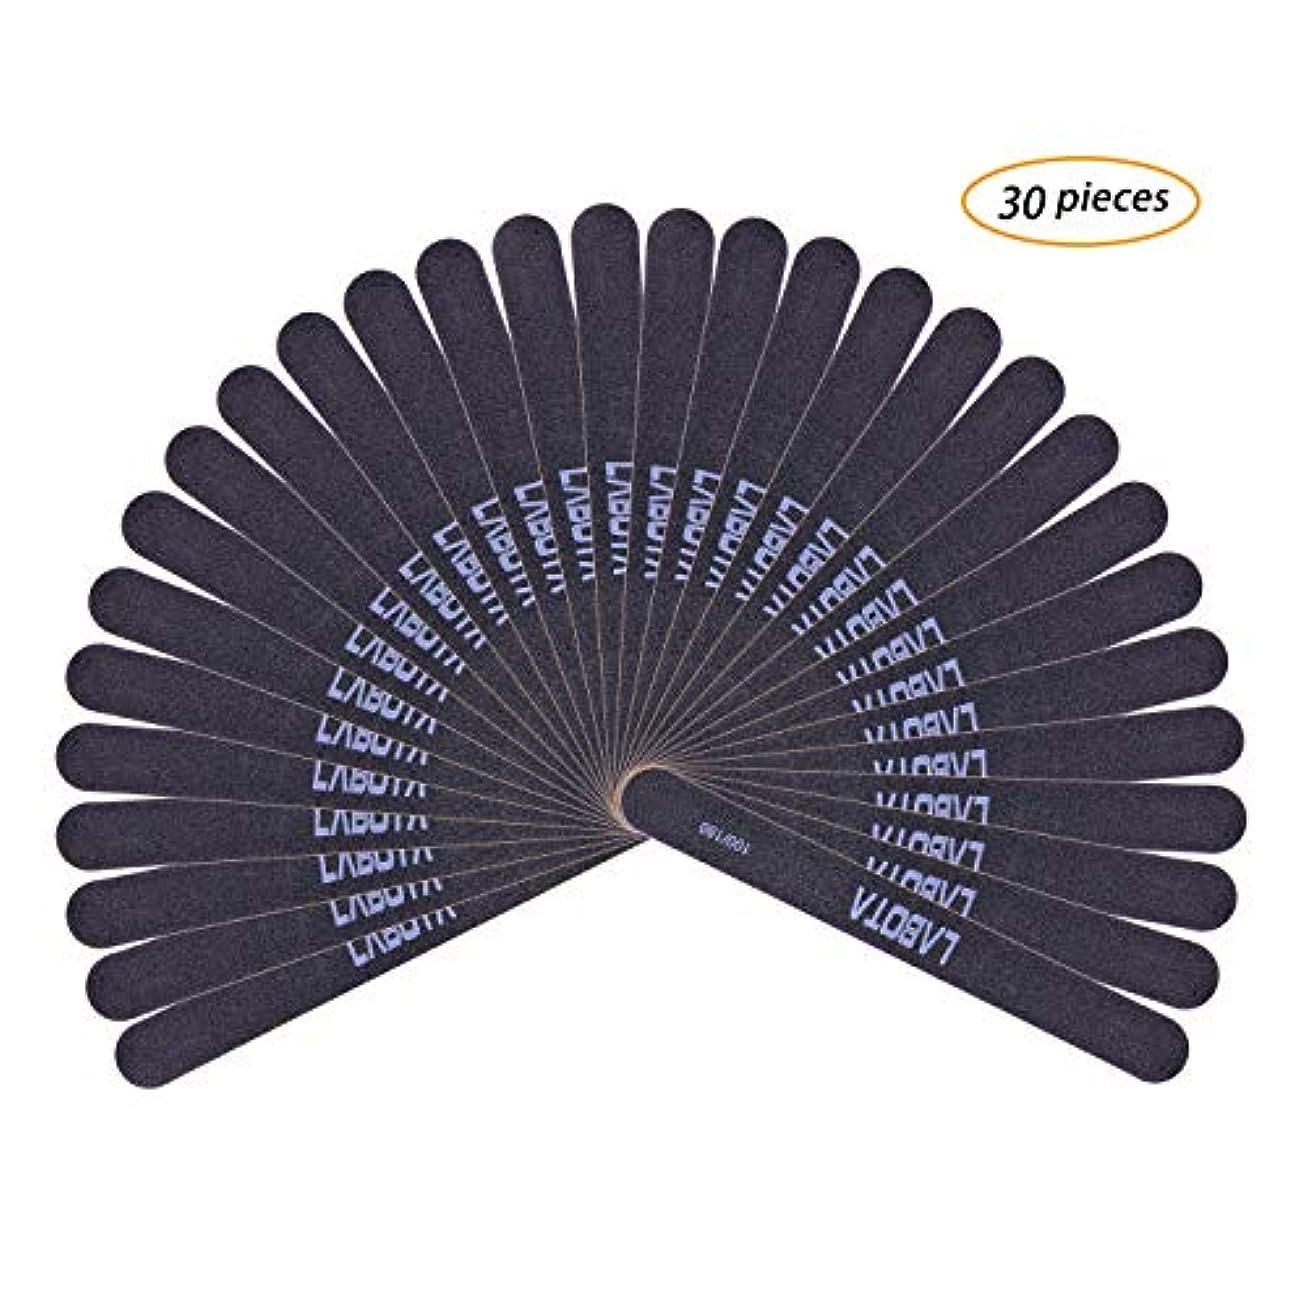 リネン筋肉のマーベルLABOTA 30セットネイルソフトファイル 爪やすり ブラック爪磨き ネイルケアやすり 両面グリットのネイルファイルエメリーボード(100/180)ウォッシャブルツメヤスリ